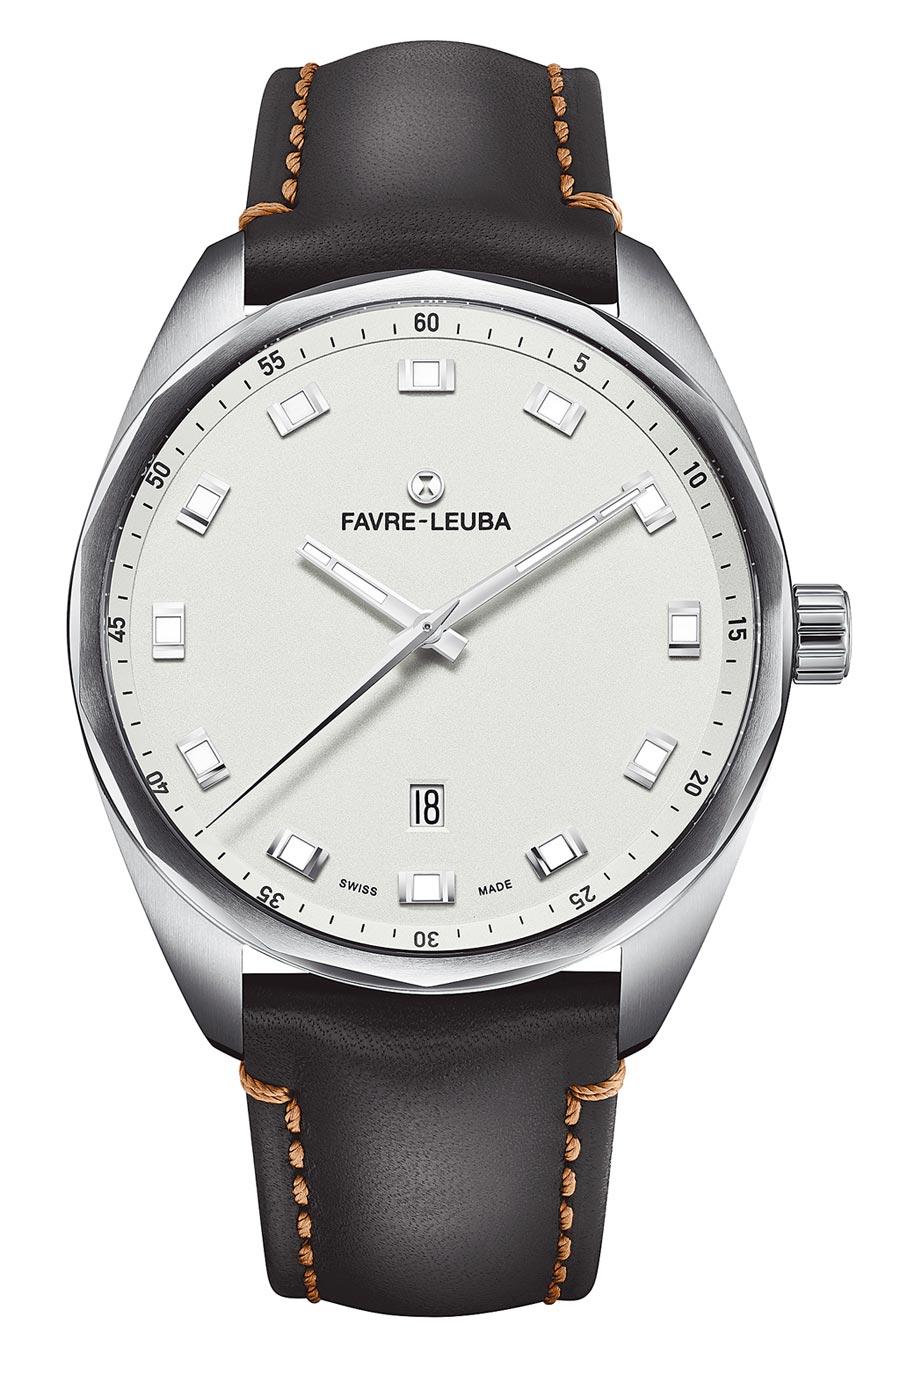 域峰表Sky Chief Date白色表盤腕表,43mm大表徑更加時尚,牛皮表帶款5萬8000元。(Favre-Leuba提供)